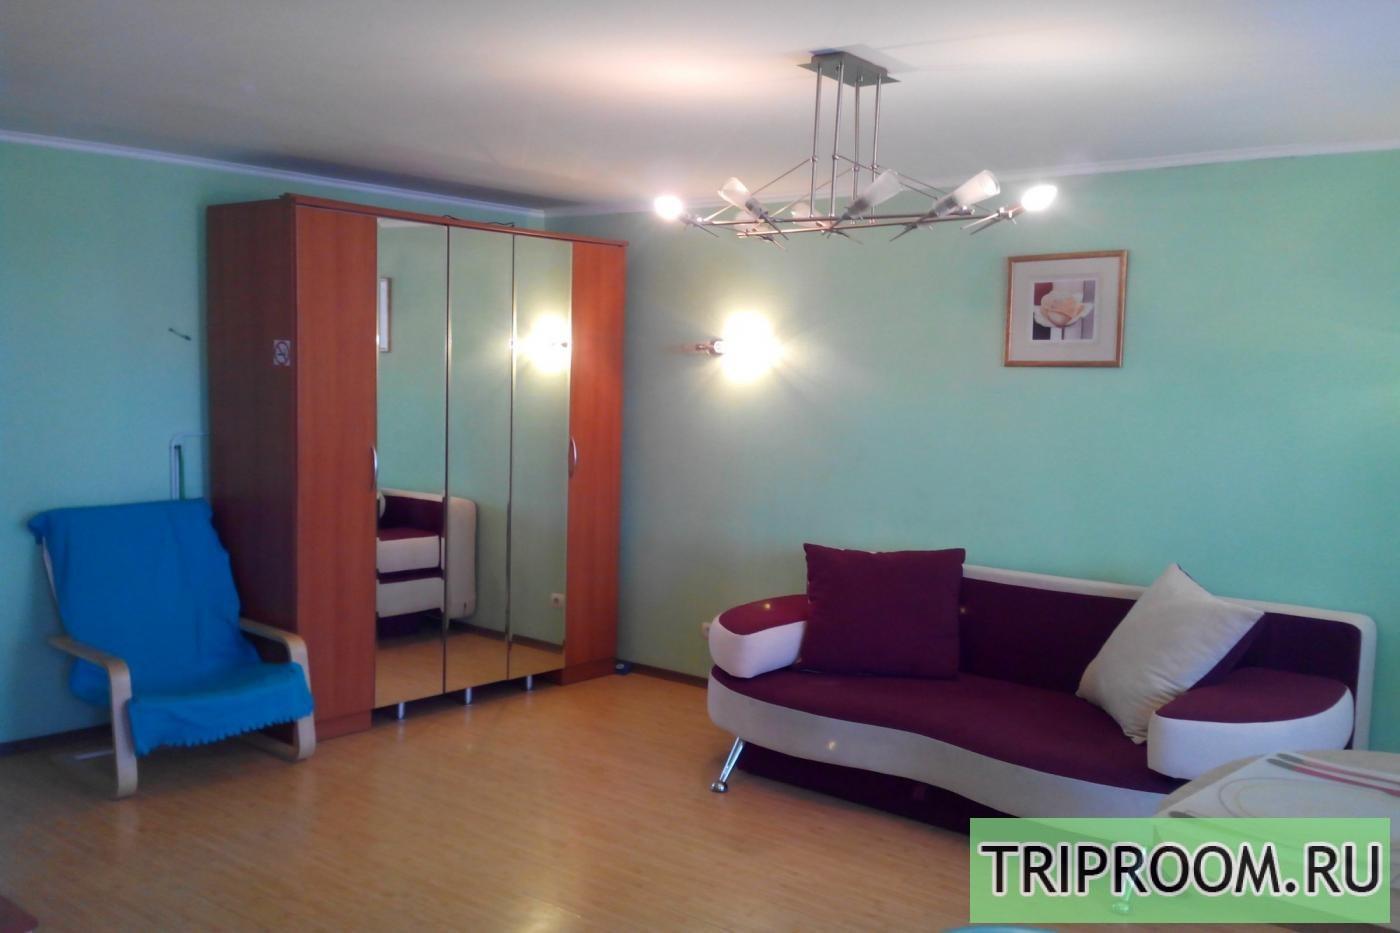 1-комнатная квартира посуточно (вариант № 8940), ул. Советская улица, фото № 1